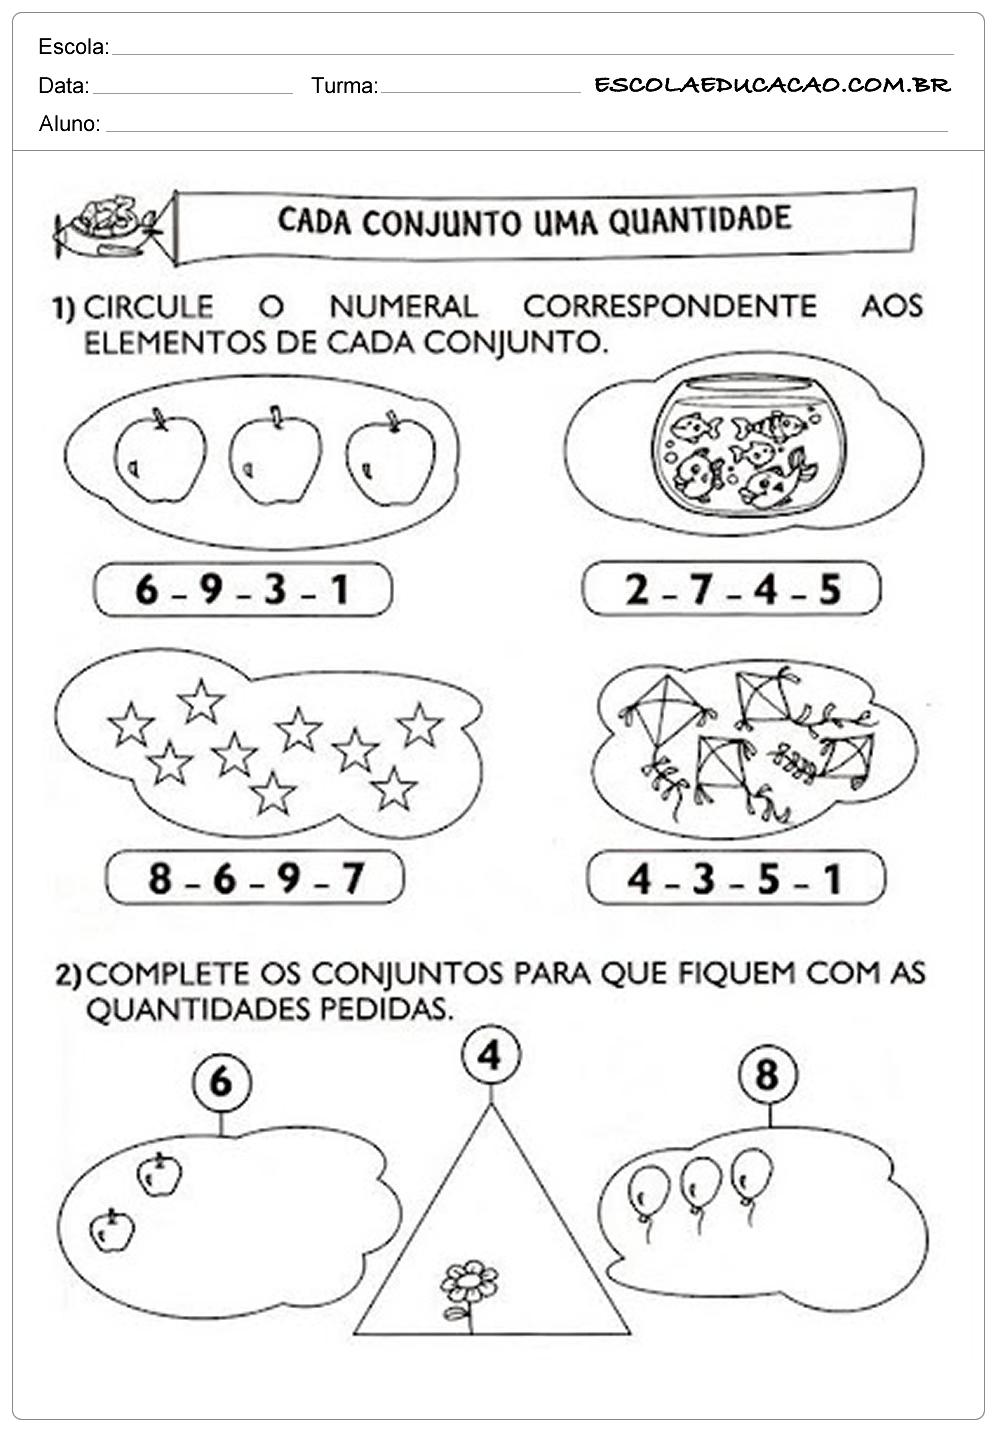 Atividades de Matemática 1º ano – Cada conjunto uma quantidade